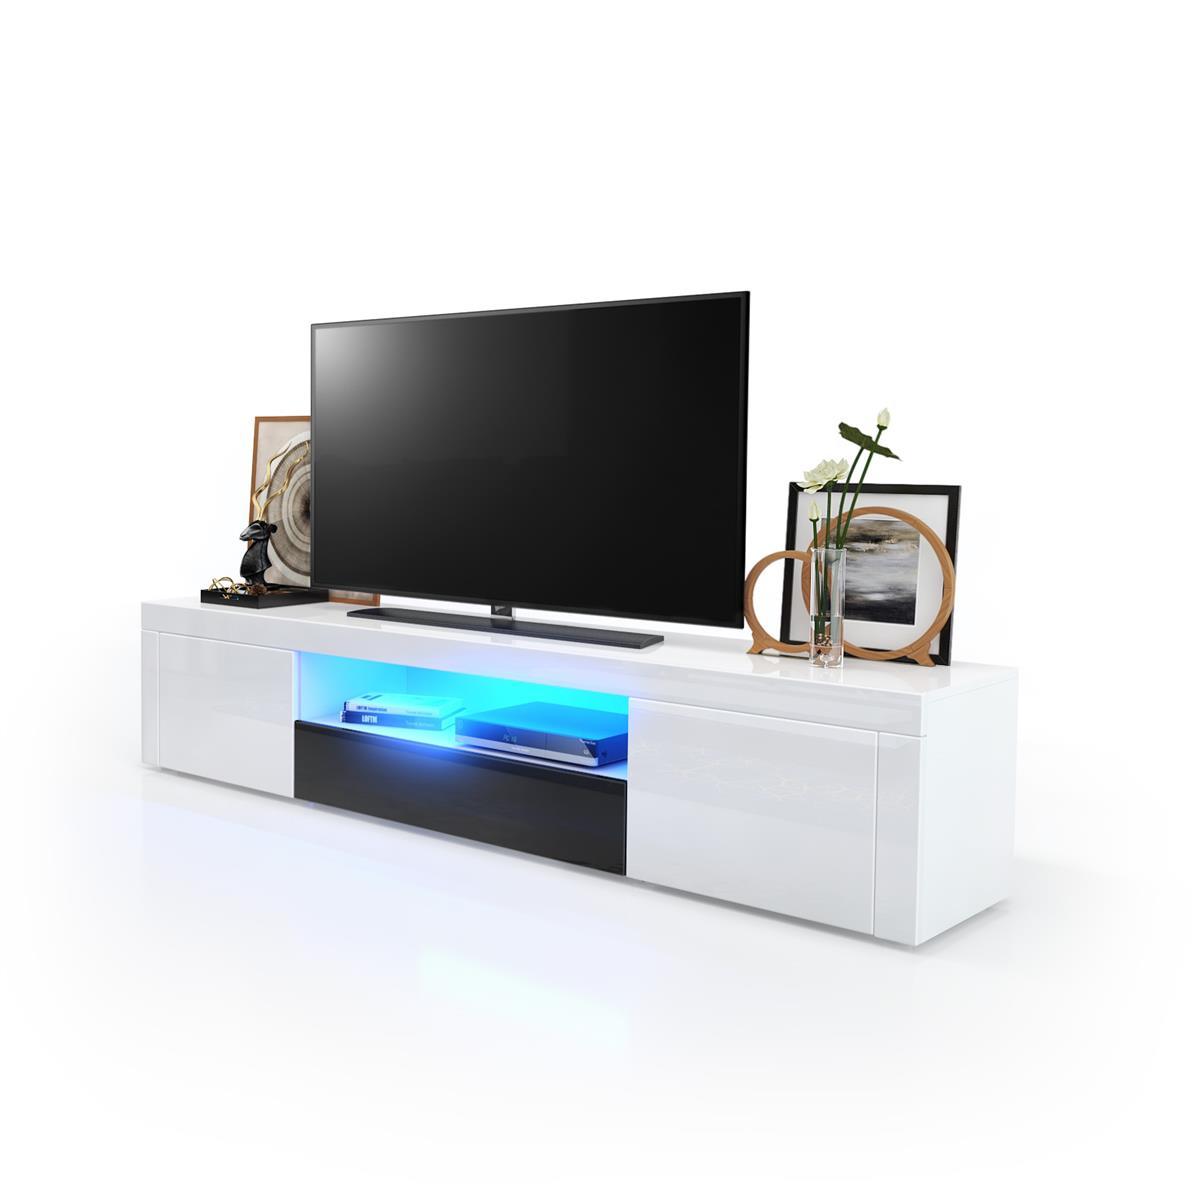 lowboard led. Black Bedroom Furniture Sets. Home Design Ideas